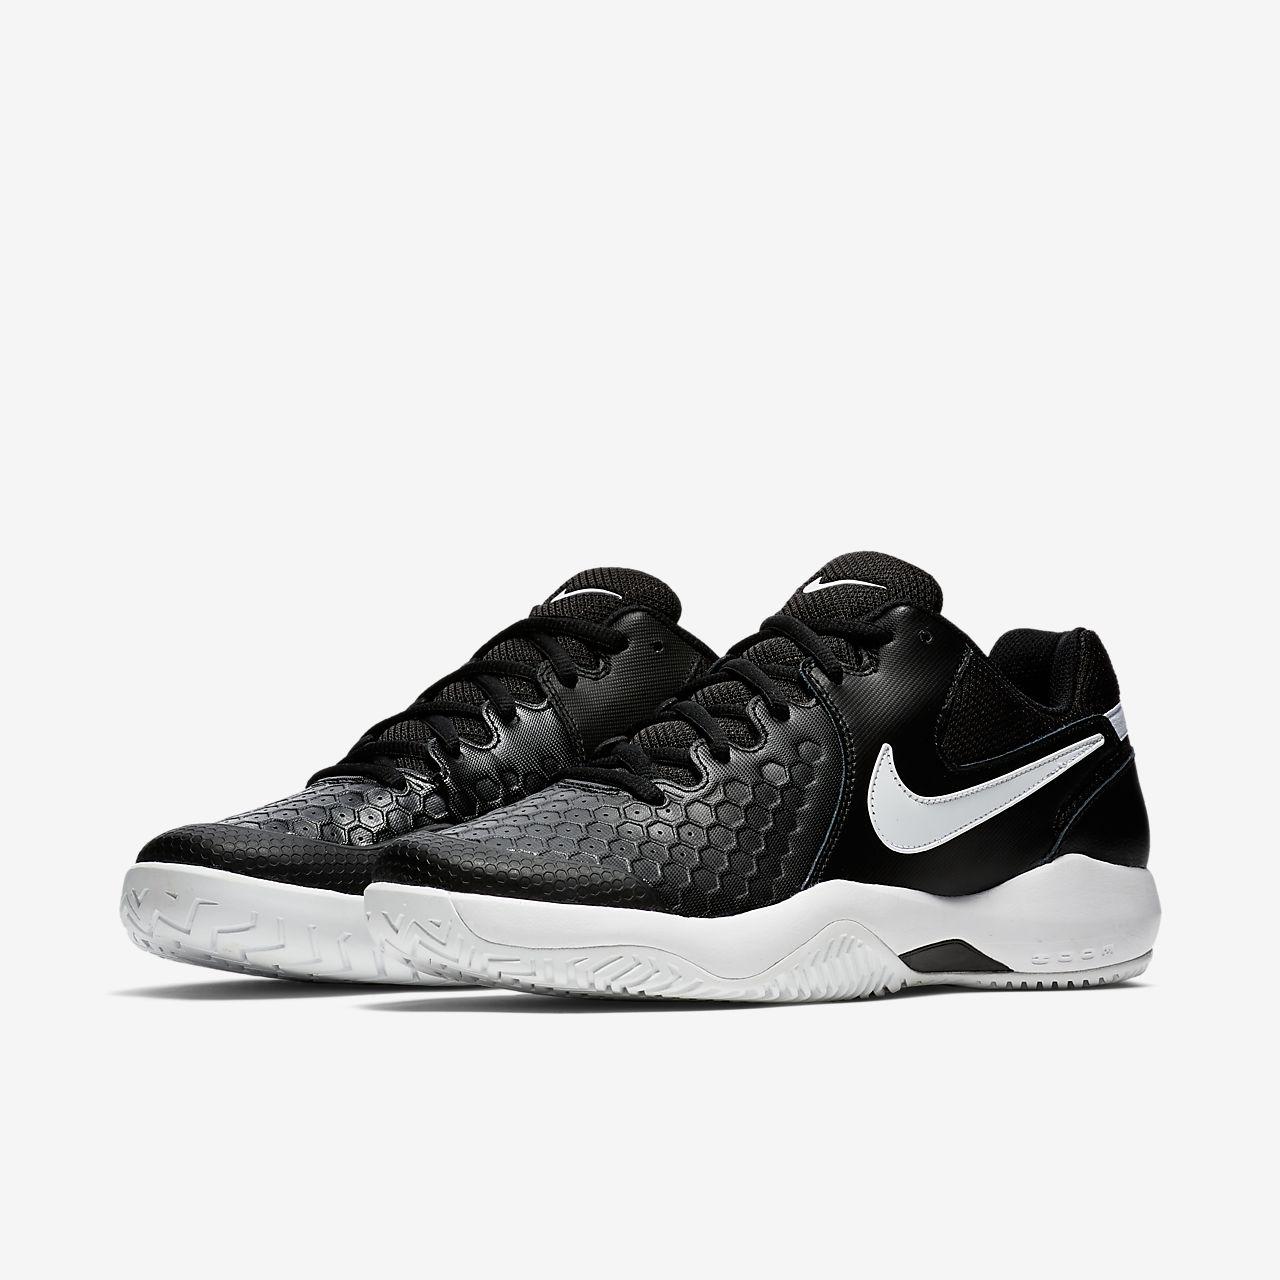 NikeCourt Air Zoom Resistance Herren Tennisschuh für Hartplätze